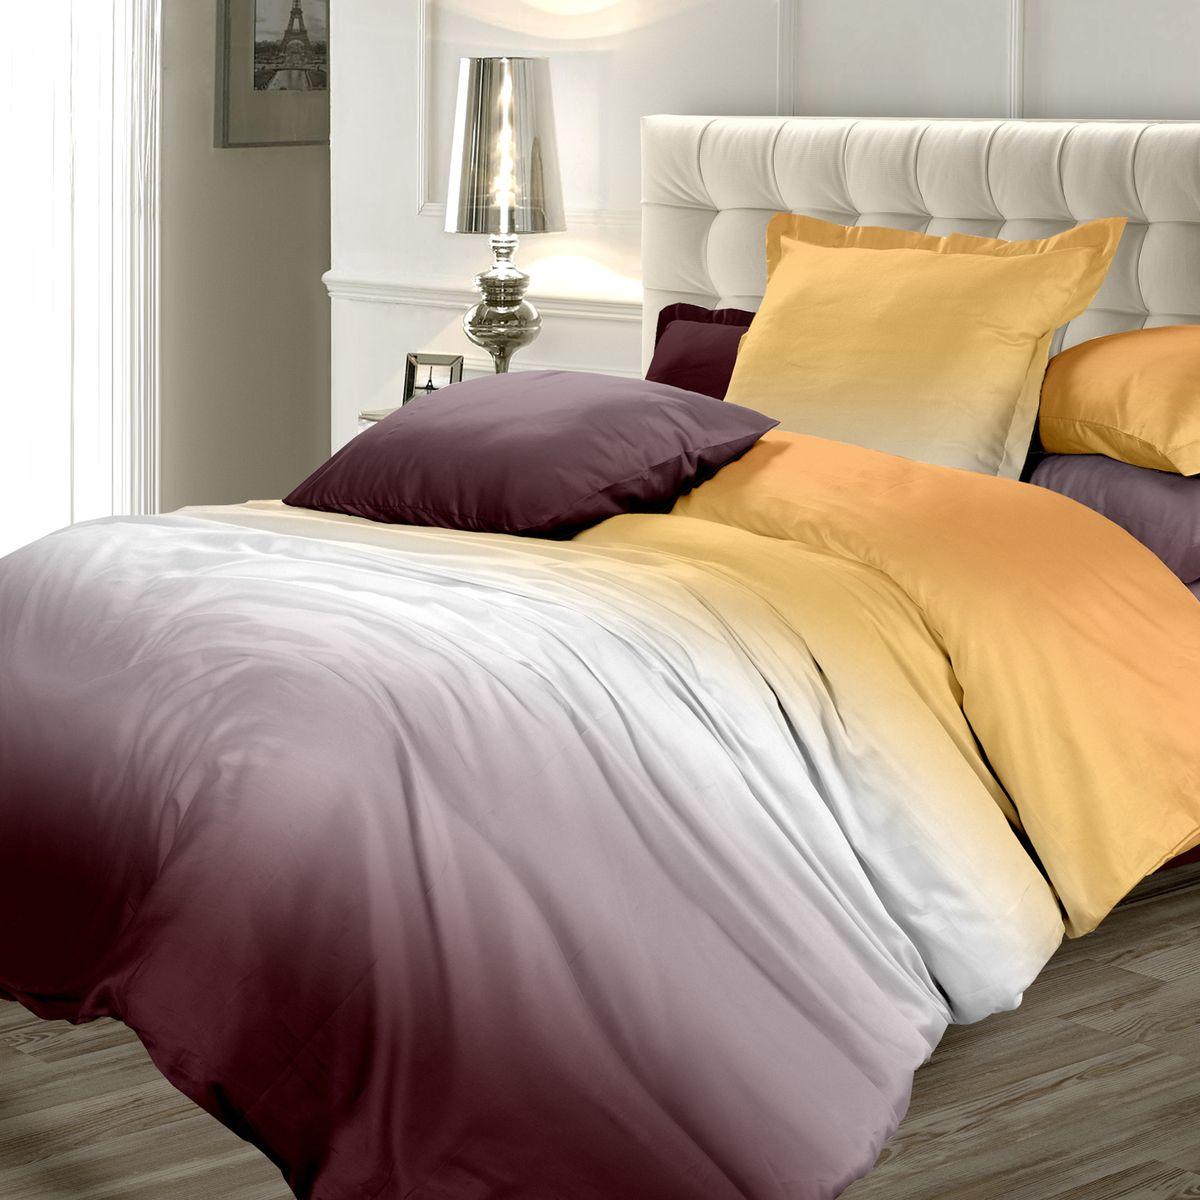 Комплект белья Унисон Осенняя соната, 1,5-спальный, наволочки 70x70FA-5125 WhiteСатин – прочная и плотная ткань с диагональным переплетением нитей. Хлопковый сатин по мягкости и гладкости уступает атласу, зато не будет соскальзывать с кровати. Сатиновое постельное белье легко переносит стирку в горячей воде, не выцветает. Прослужит комплект из обычного сатина меньше, чем из сатина повышенной плотности, но дольше белья из любой другой хлопковой ткани. Сатин приятен на ощупь, под ним комфортно спать летом и зимой. Унисон - это несколько серий постельного белья с разными дизайнами: яркий молодежный Унисон teens, Унисон а-ля русс с народными мотивами, утонченная коллекция Акварель и другие.